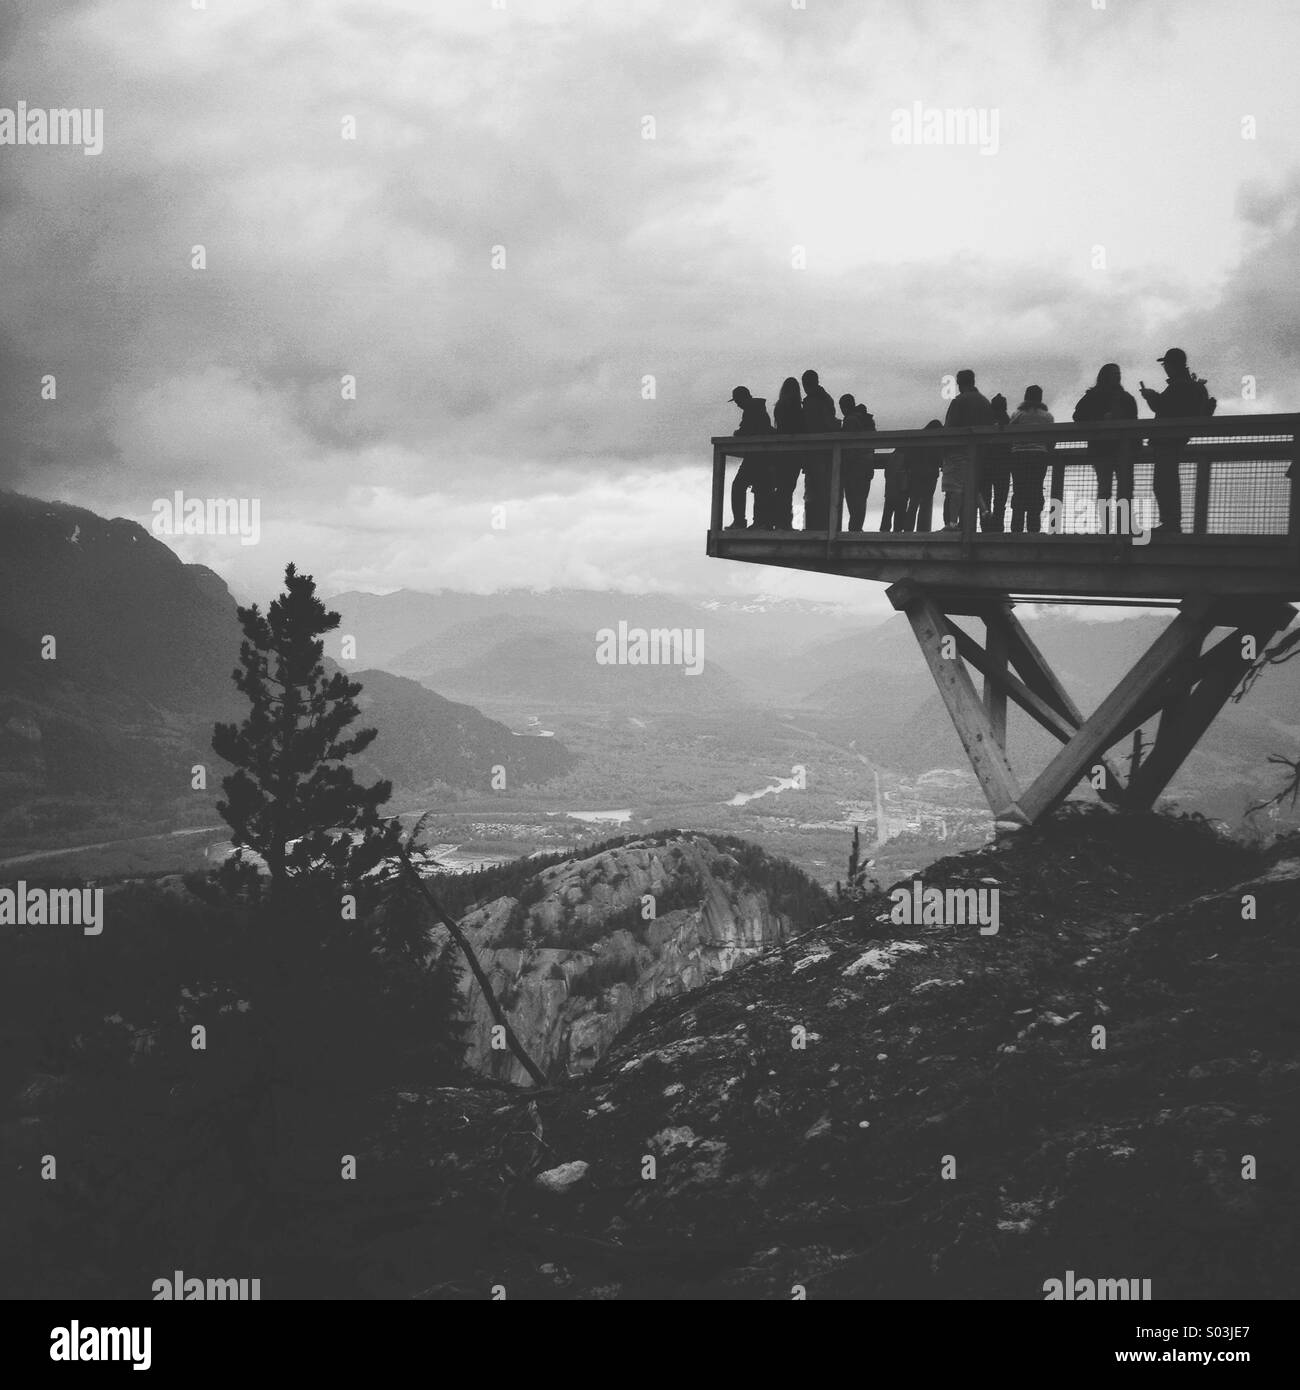 Los turistas mirando las montañas costeras en Squamish, British Columbia Imagen De Stock